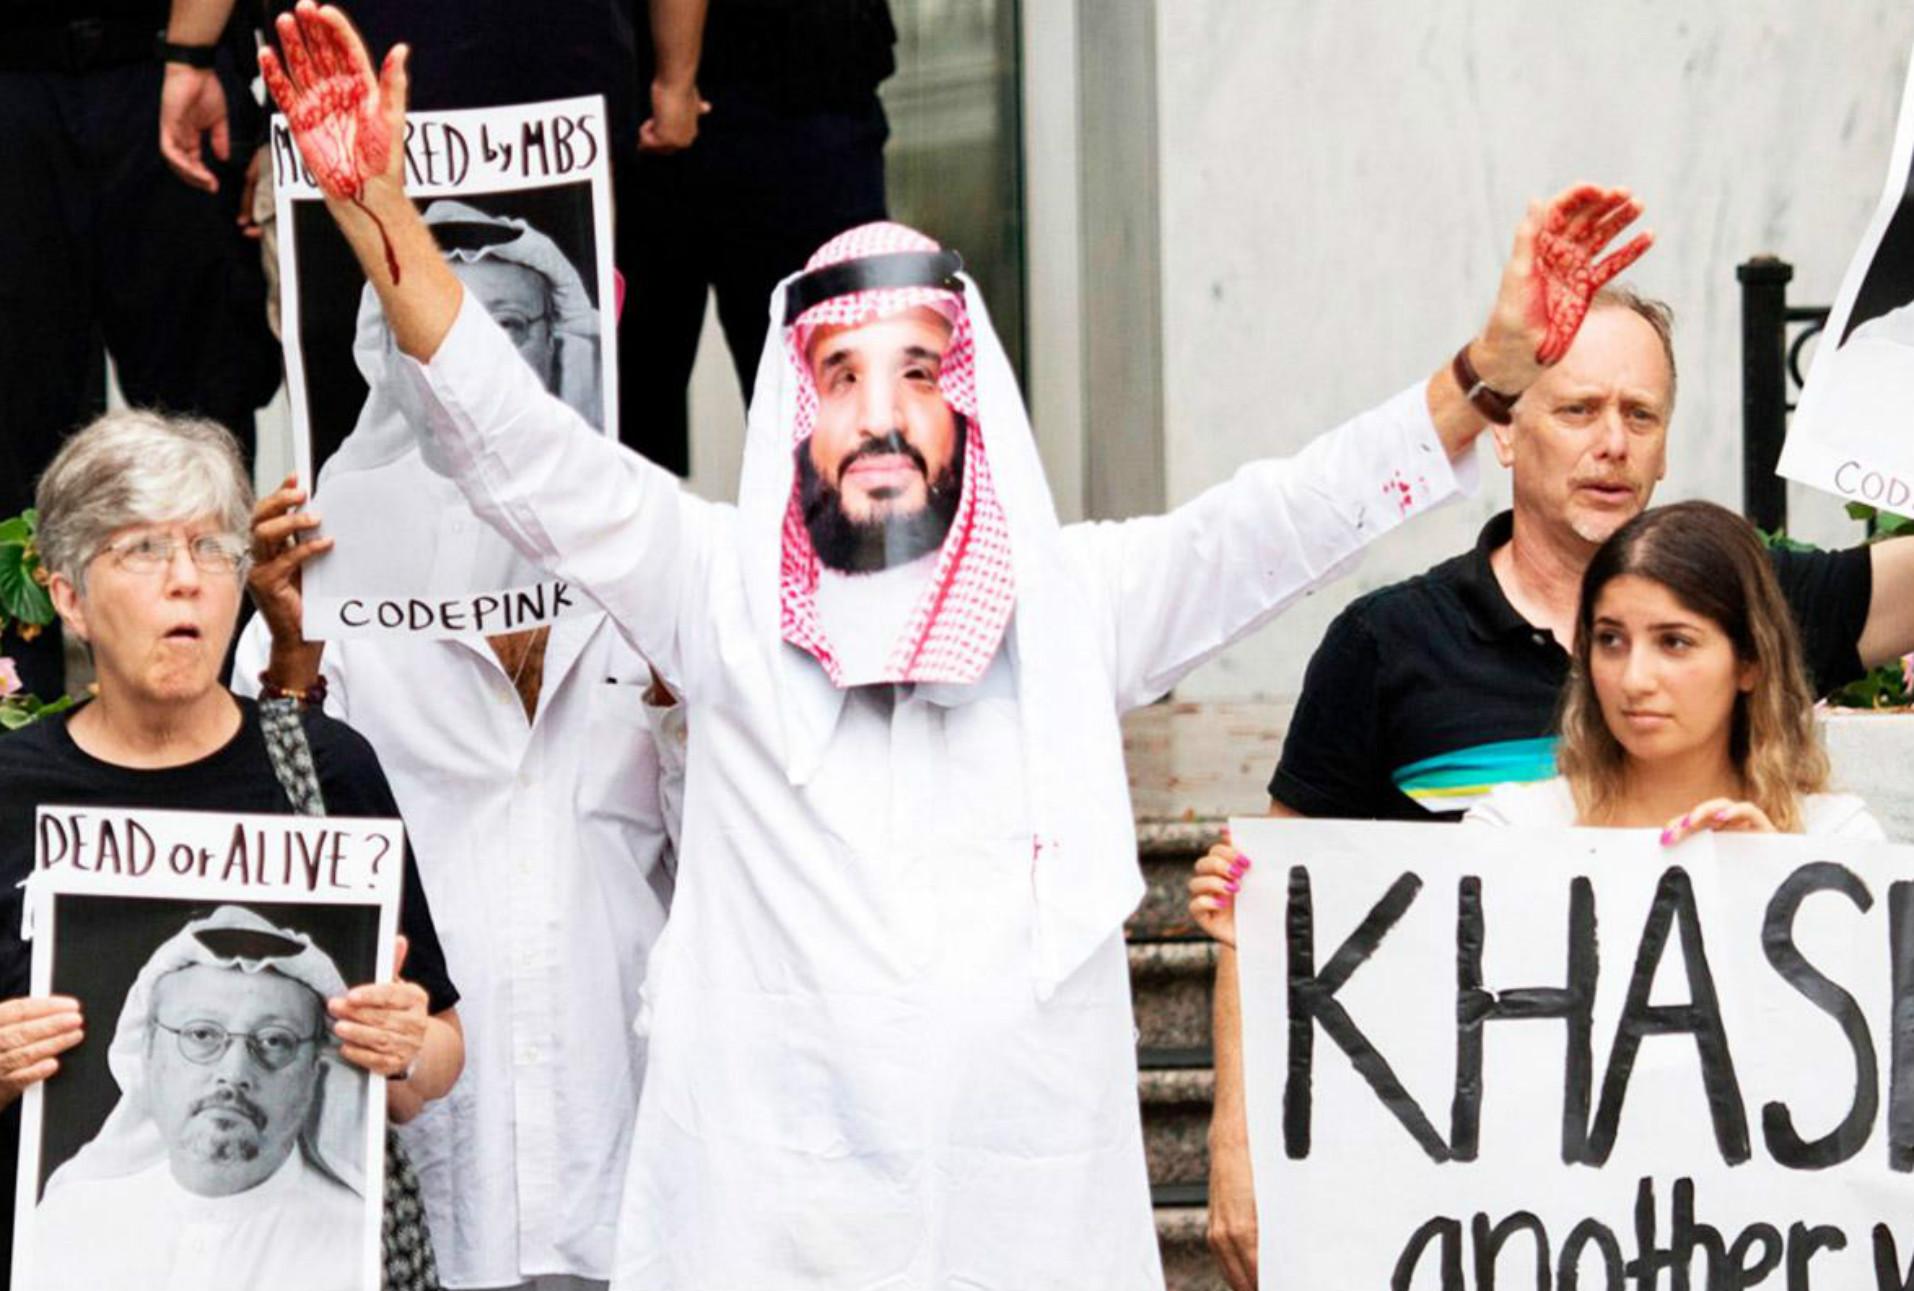 Jamal Khashoggi, periodista saudí asesinado, habría sido espiado con Pegasus por el gobierno árabe